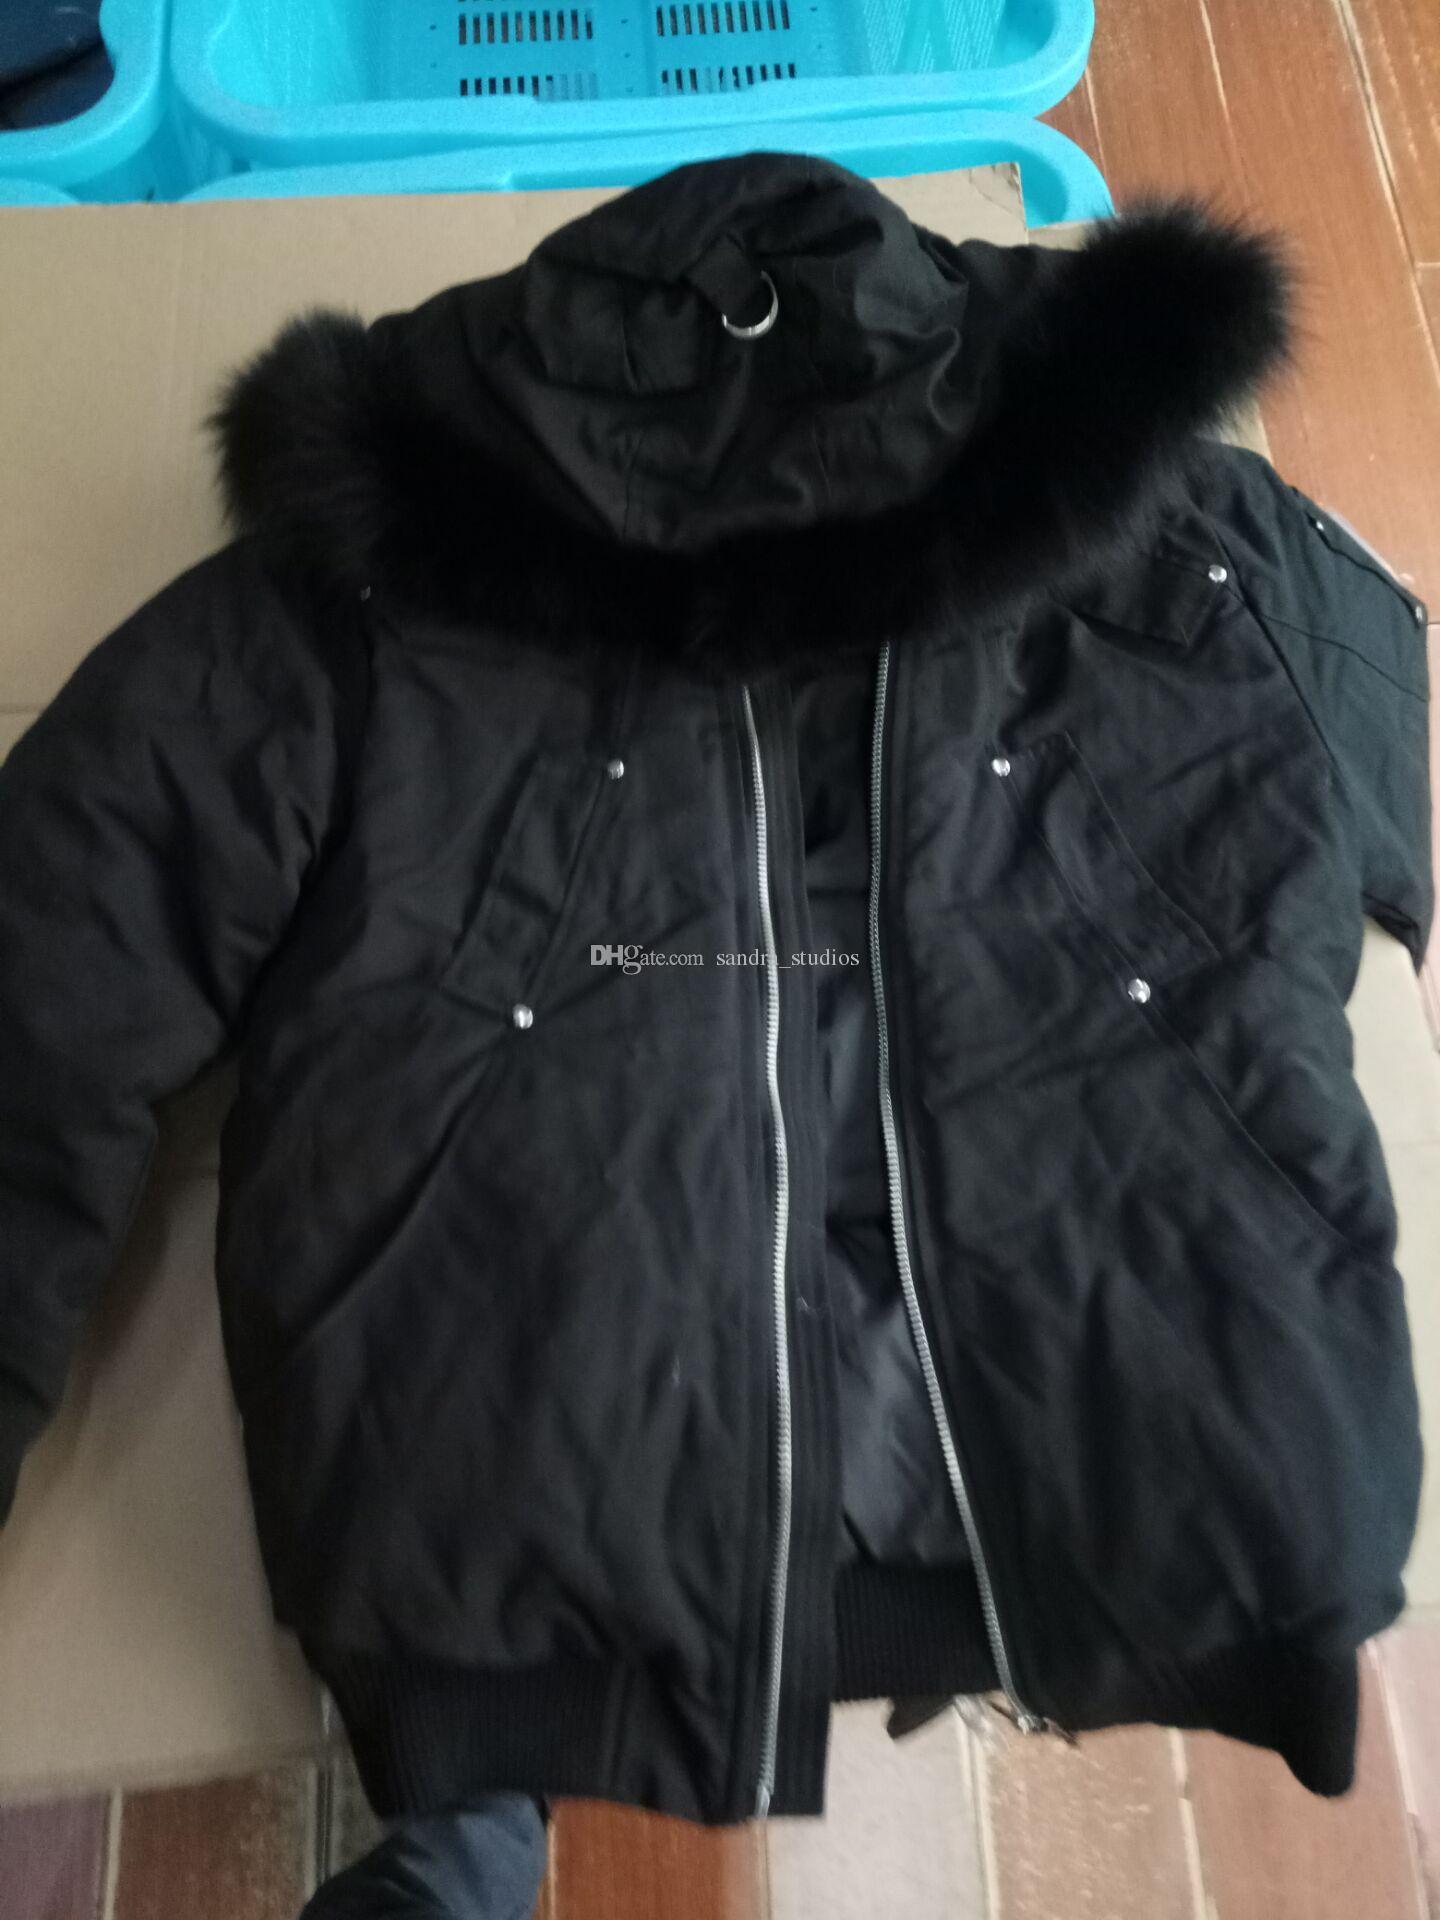 Immagine della spedizione reale Bomber balistico corto da uomo Giacca slim in vita con cappotti neri con collo in pelliccia di volpe nera con cappuccio @Sandra_studios